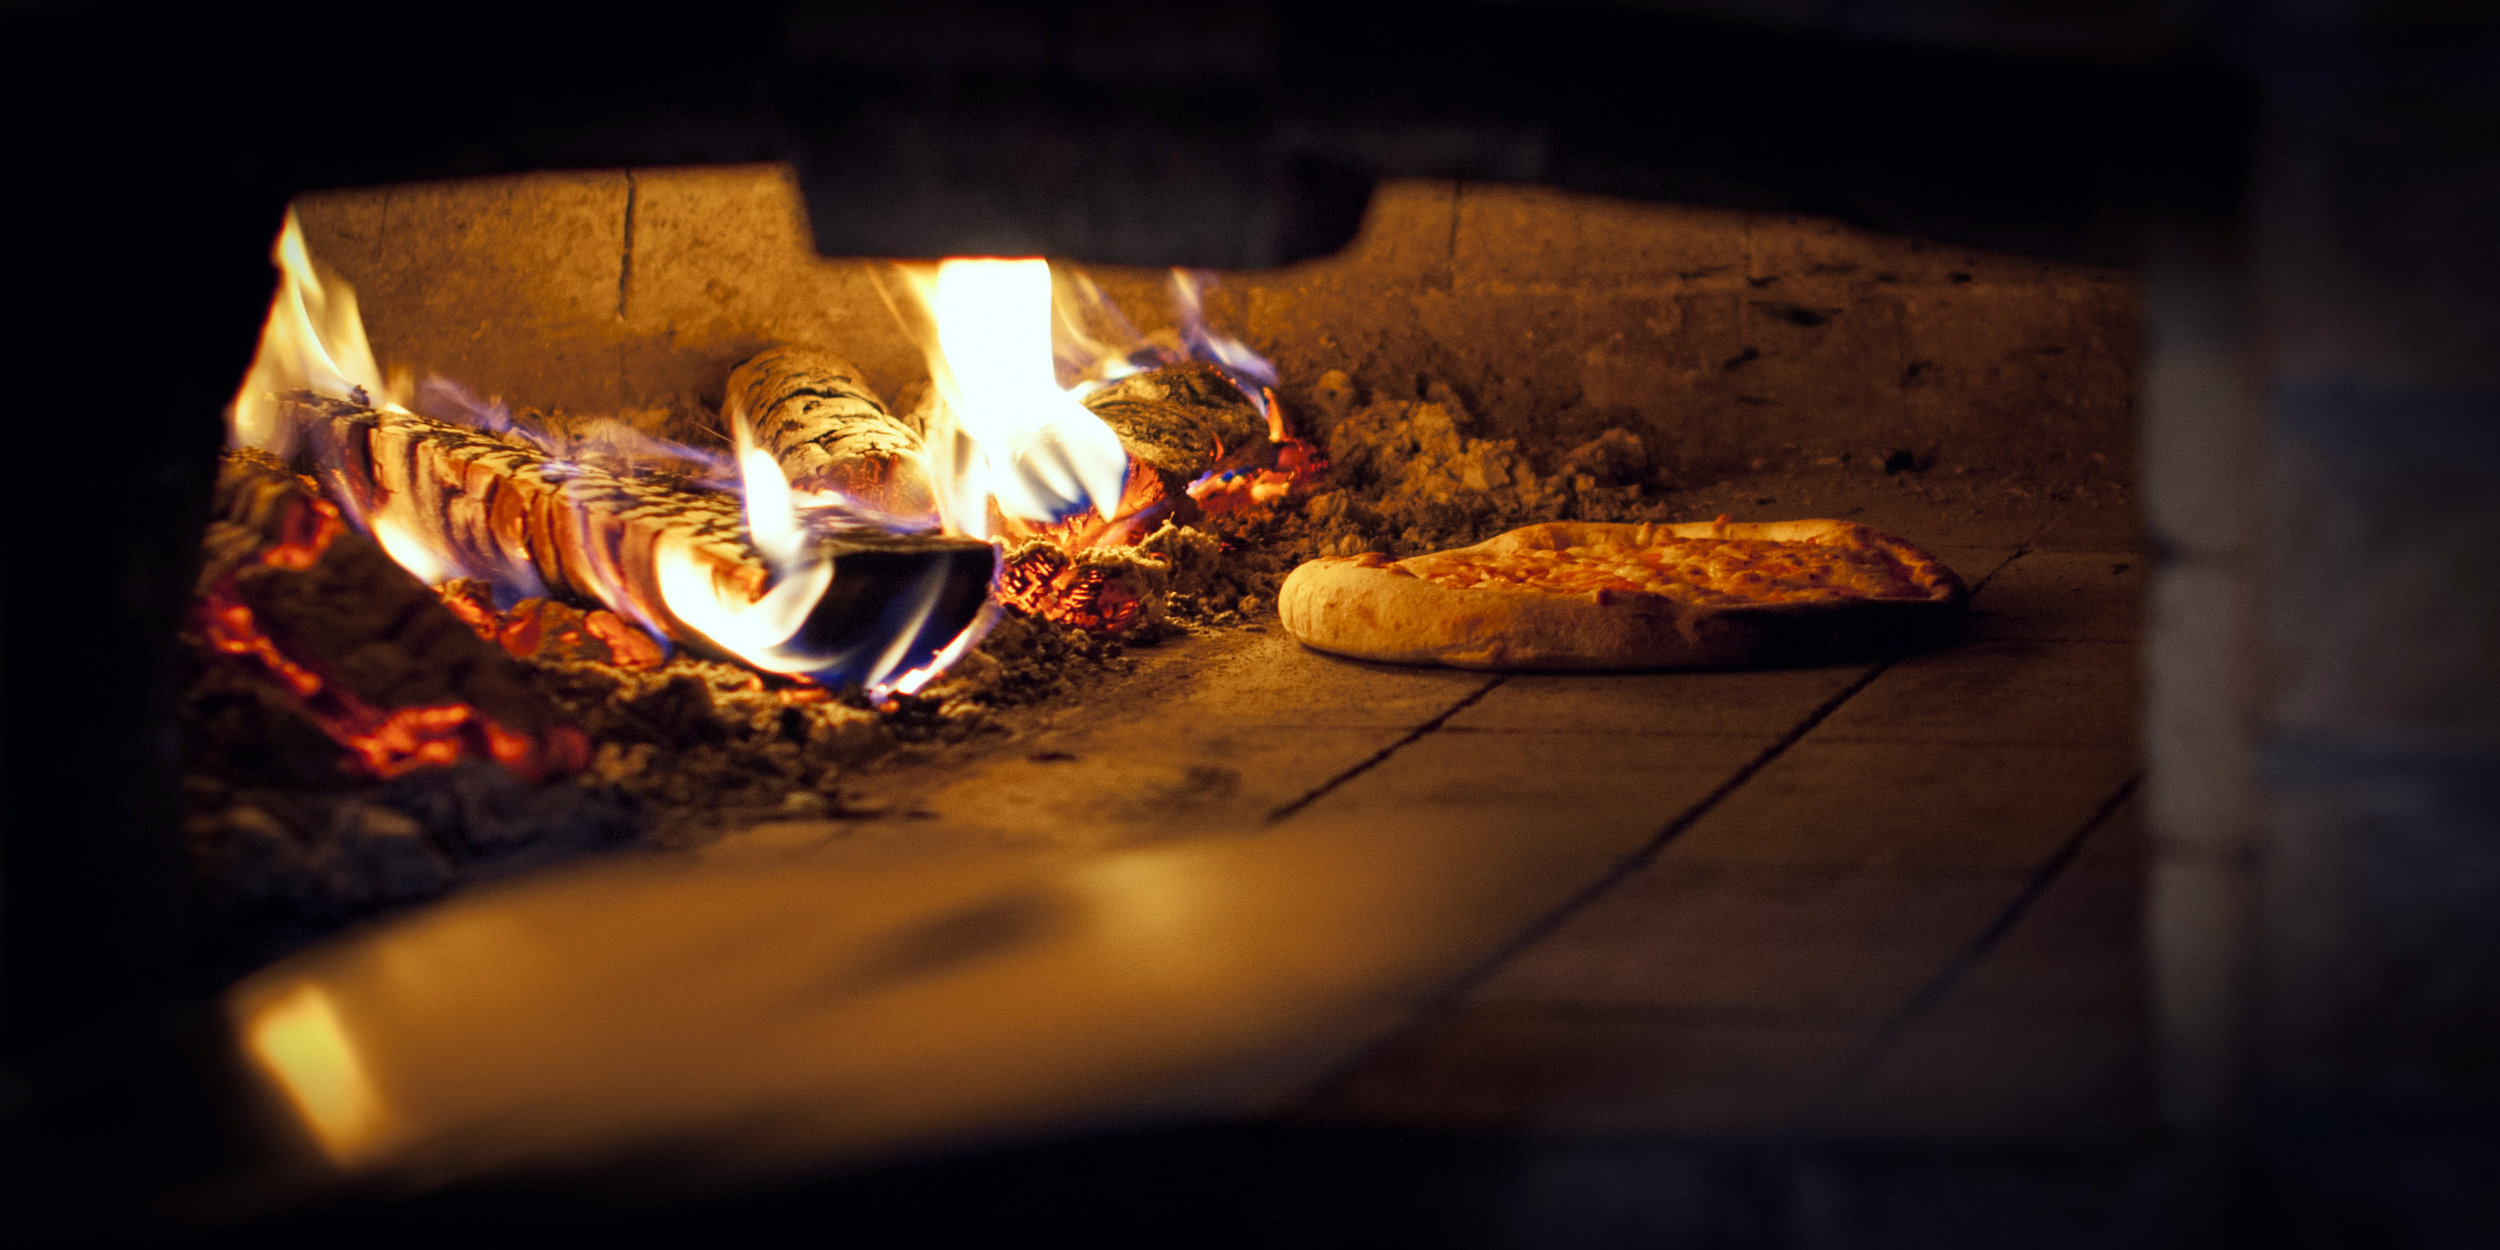 pizzaovn 1 2x1 foto Lise von Krogh.jpg